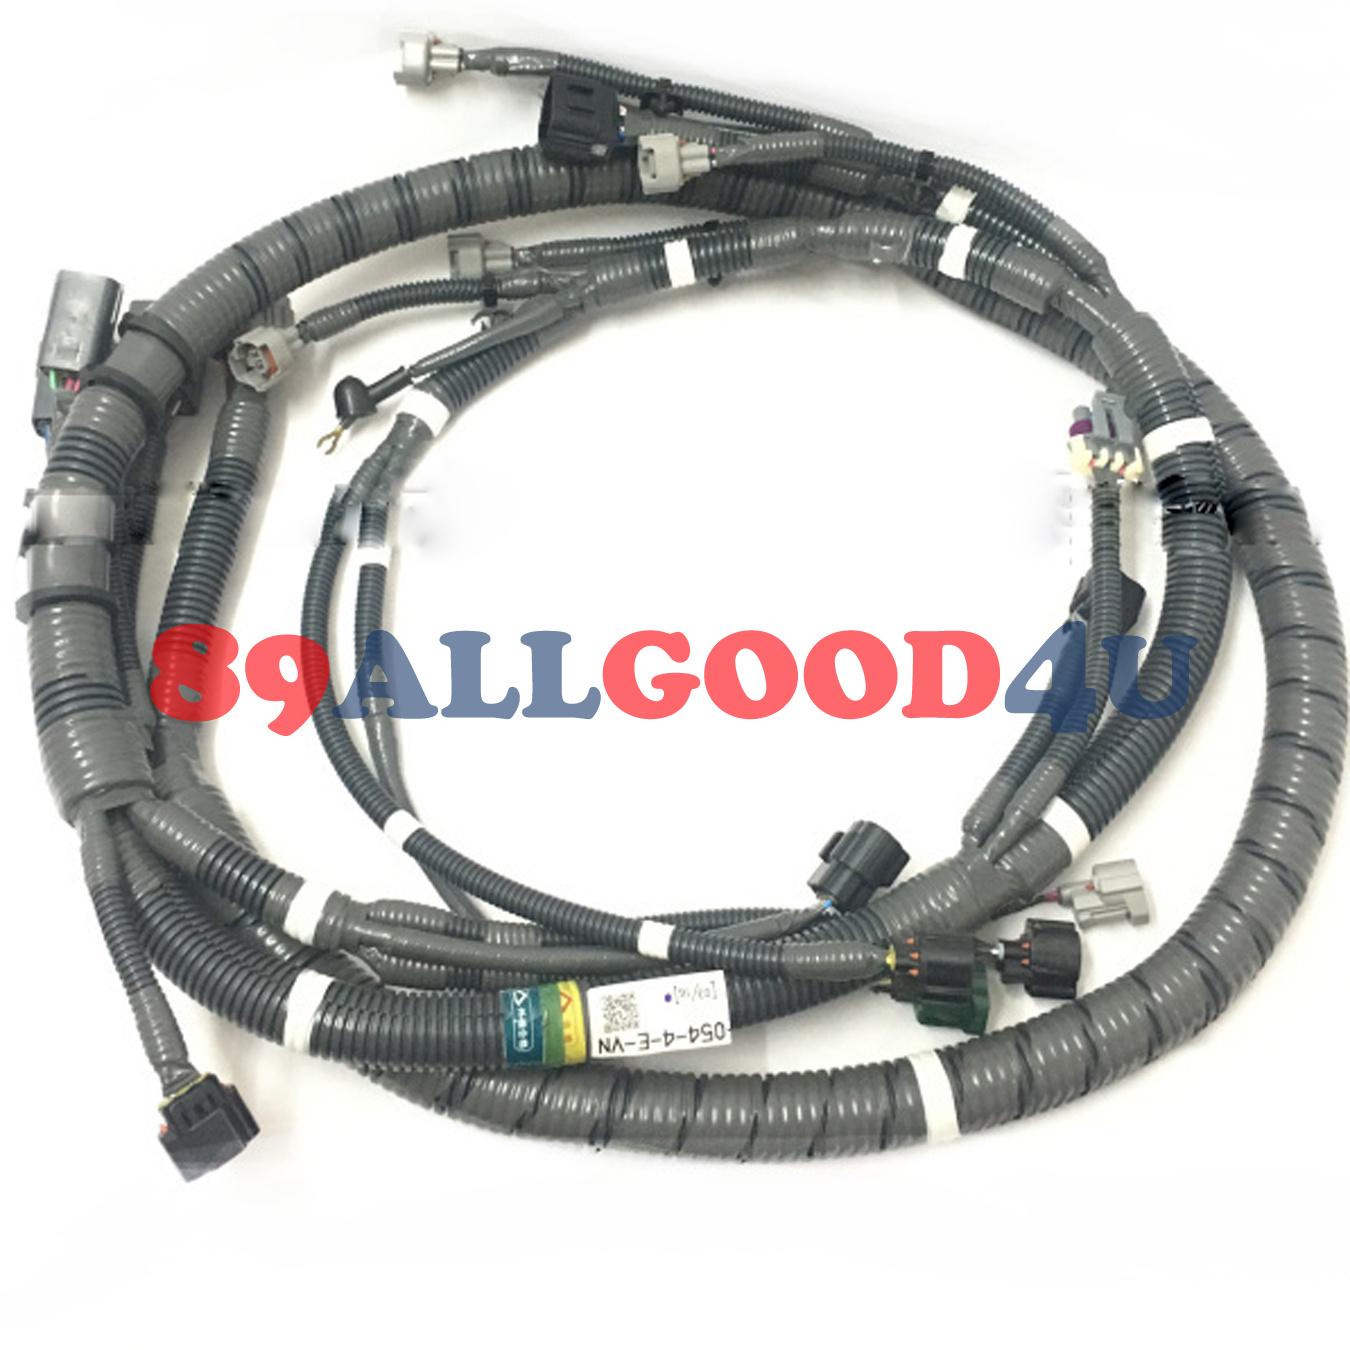 Details about Engine Wire Harness For Isuzu 4JJ1 Engine JCB SUMITOMO on kubota wiring, cooper wiring, denso wiring, toyota wiring, ford wiring, massey ferguson wiring, bosch wiring, john deere wiring, delta wiring,